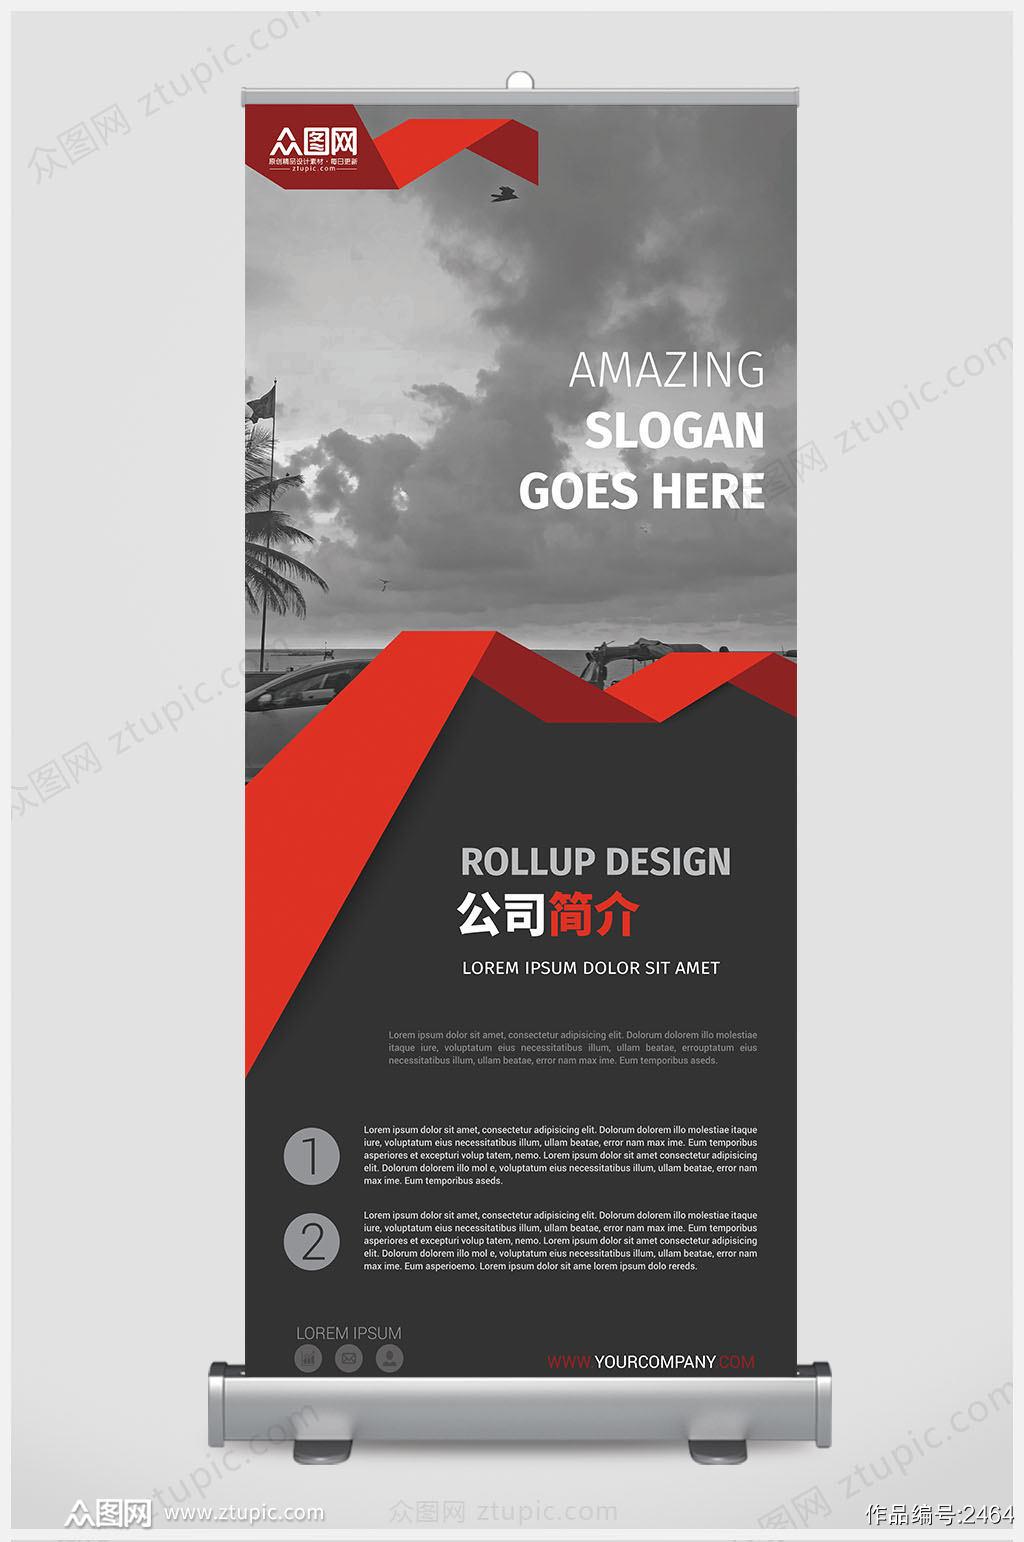 红色几何商务企业易拉宝丽屏展架素材